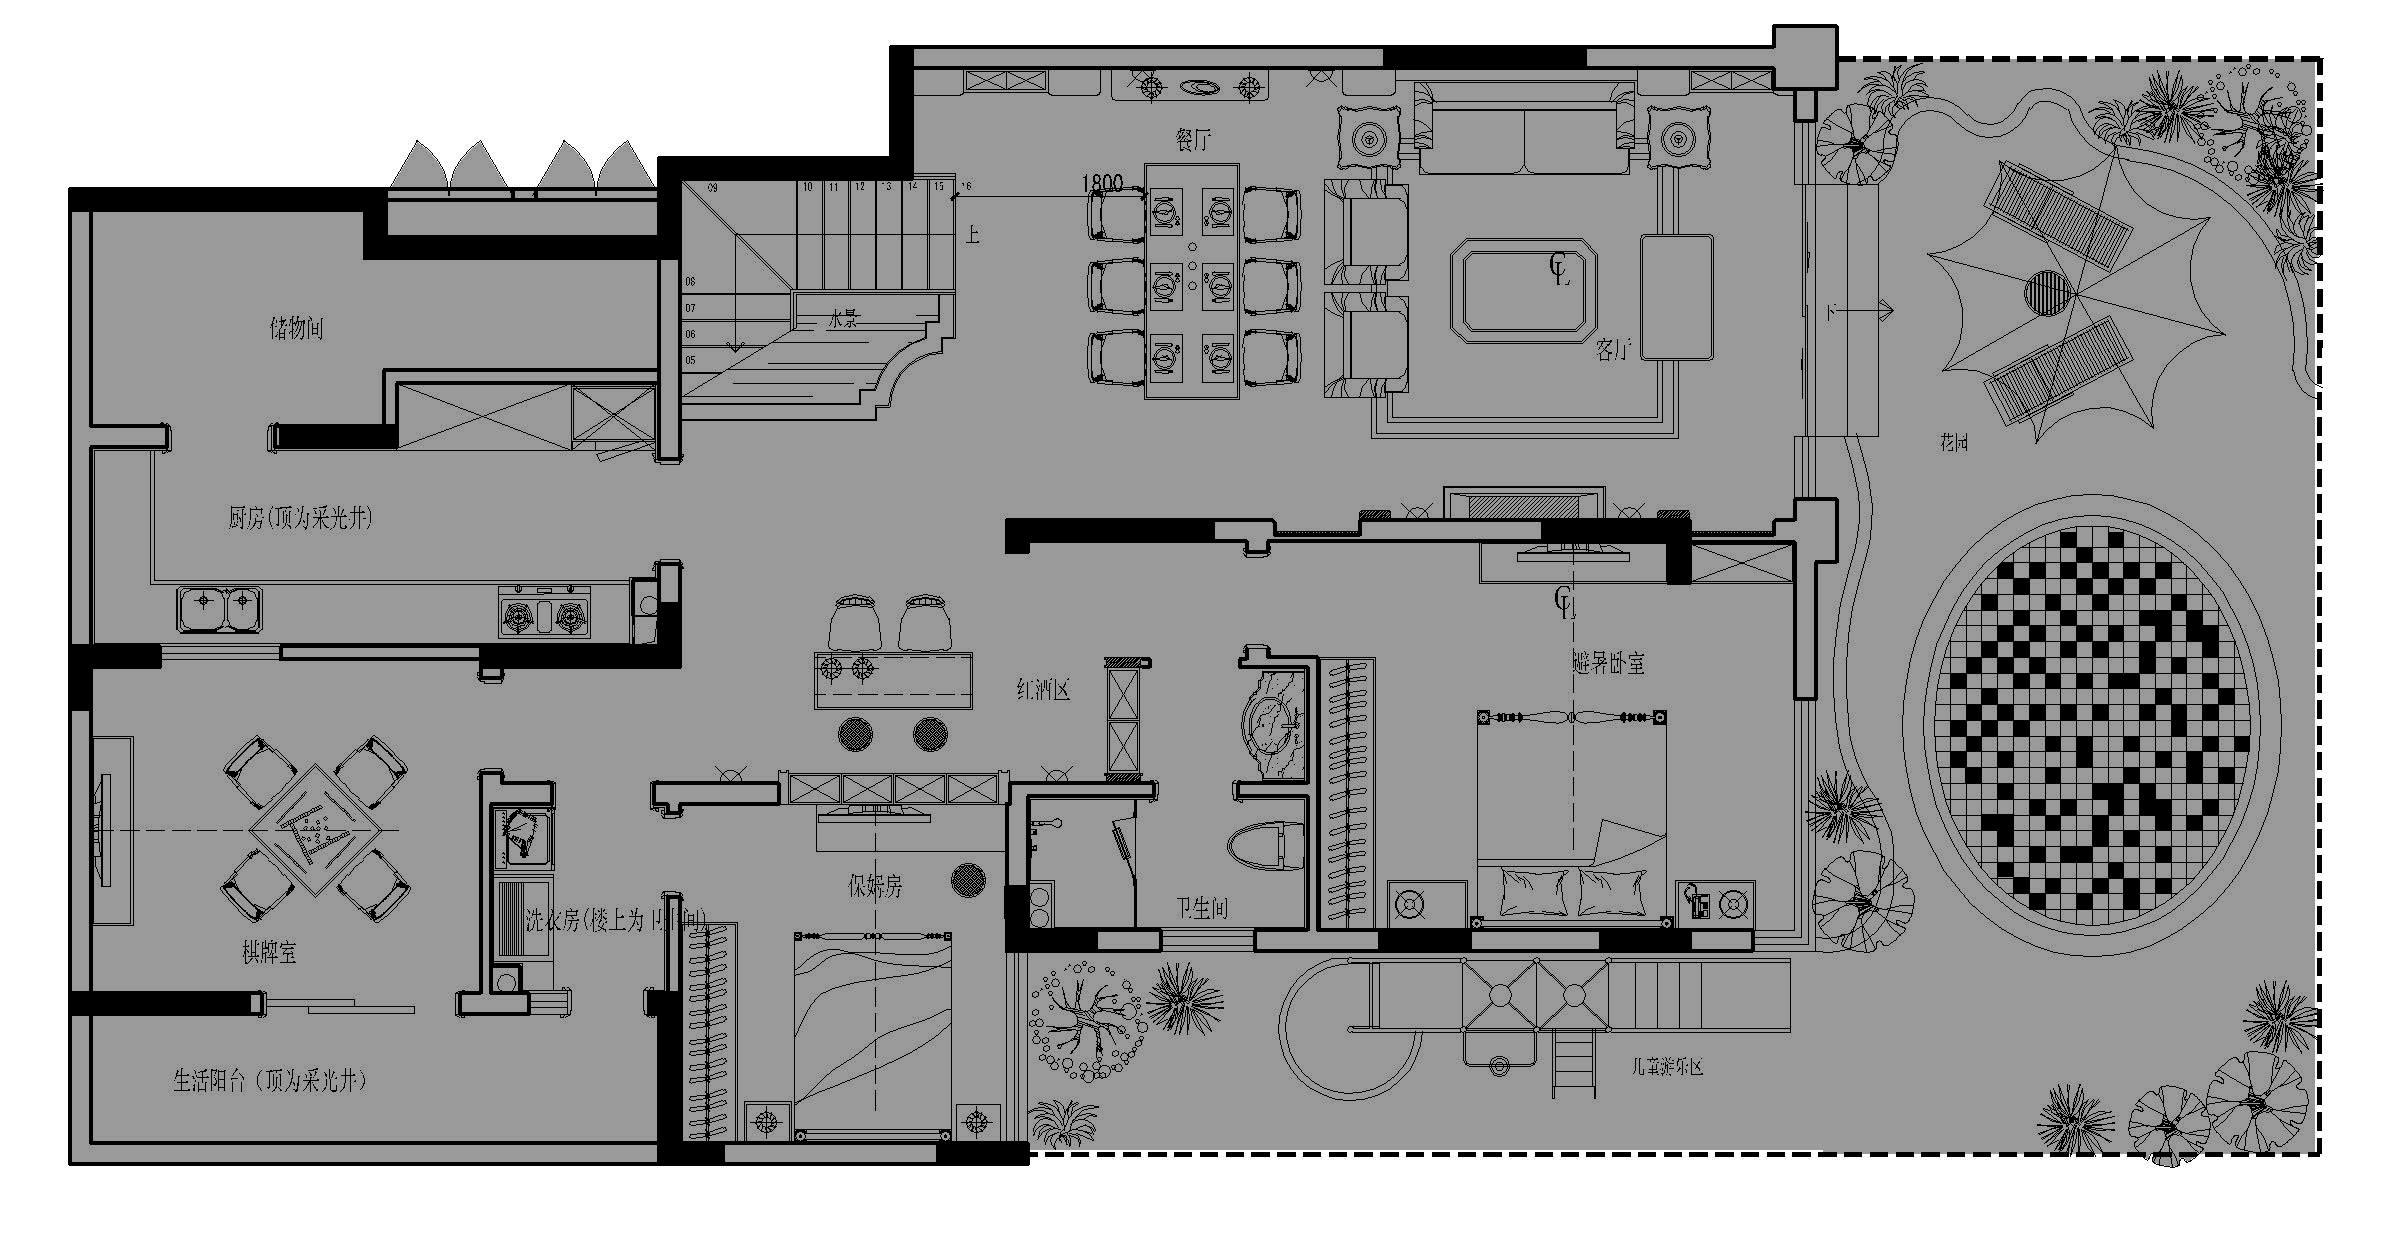 休闲餐吧平面图设计图免费下载 dwg格式 编号14448318 千图网 宽505